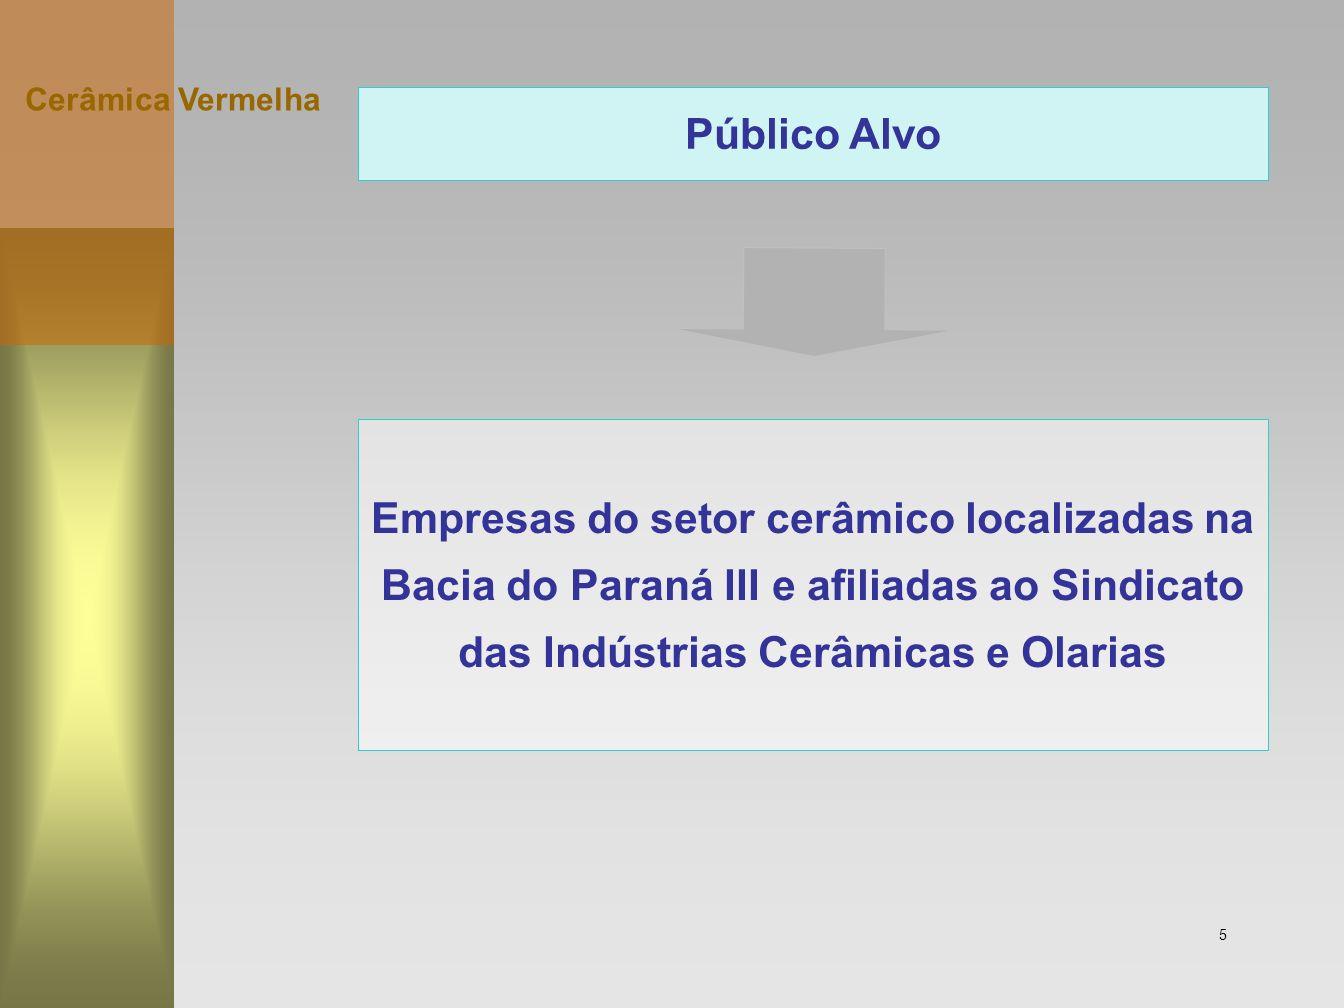 5 Público Alvo Empresas do setor cerâmico localizadas na Bacia do Paraná III e afiliadas ao Sindicato das Indústrias Cerâmicas e Olarias Cerâmica Verm